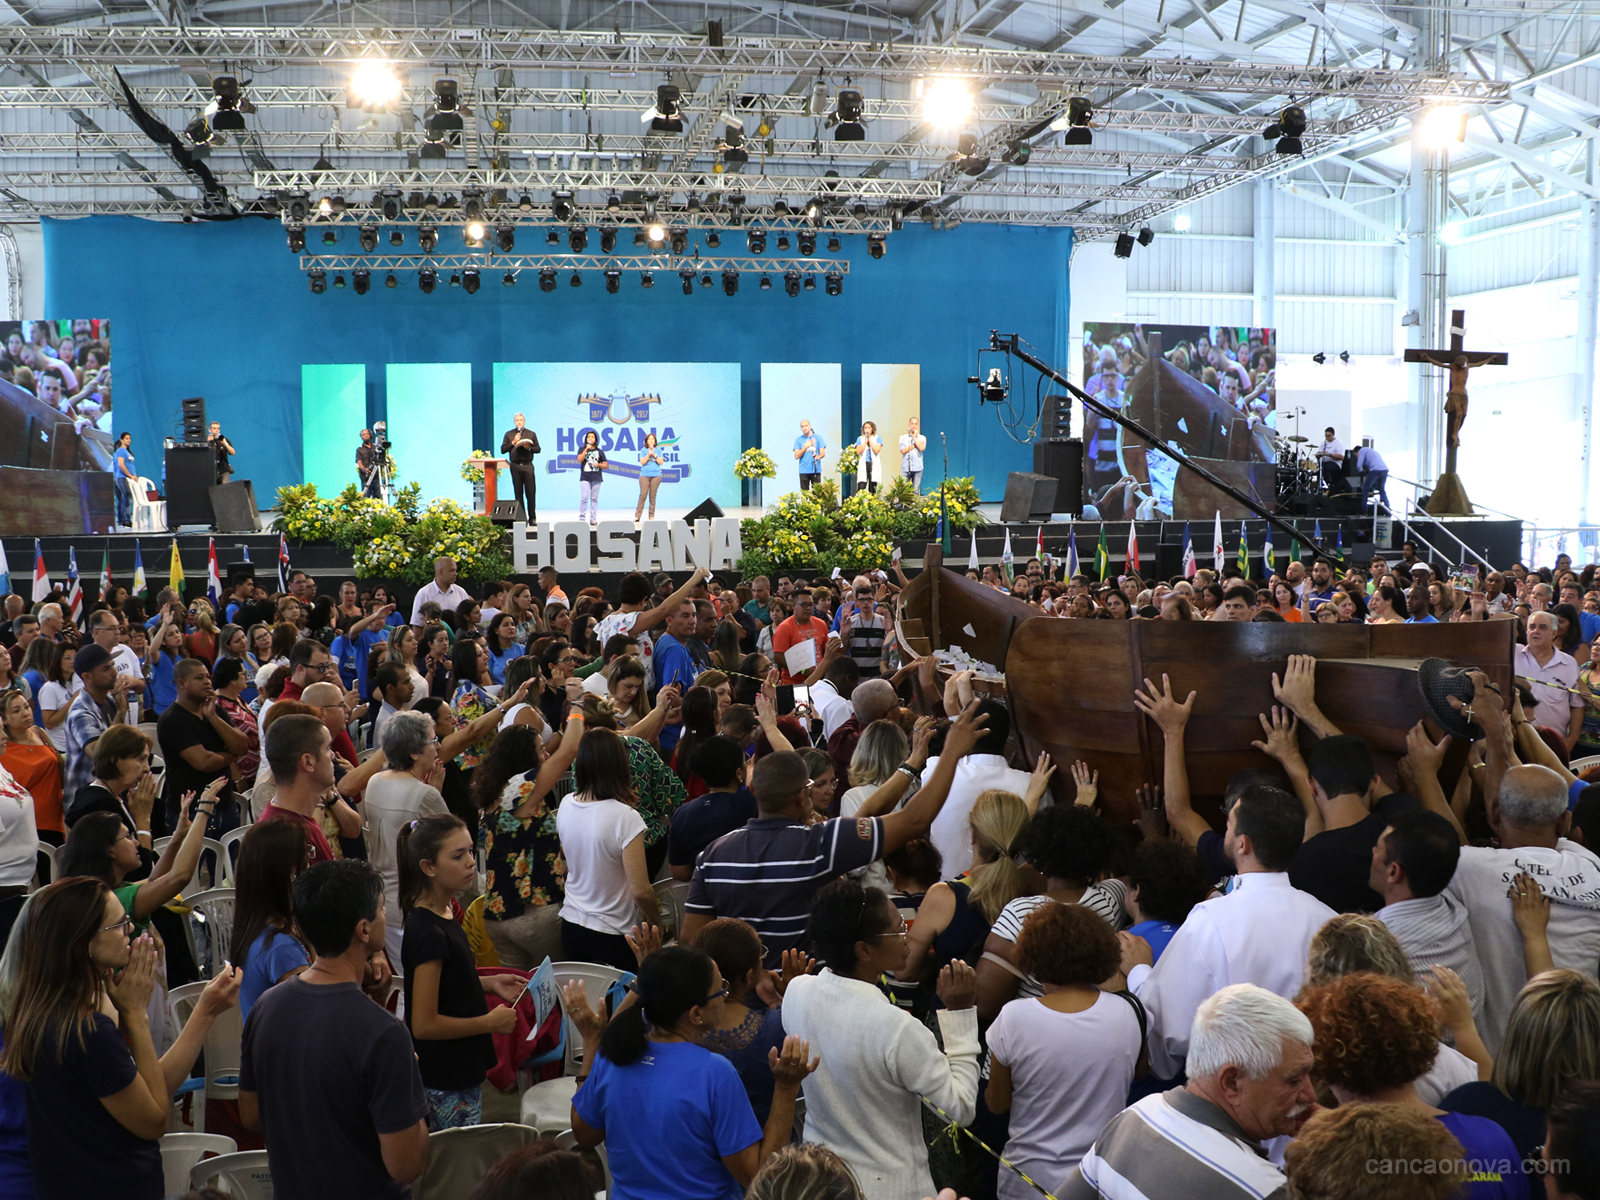 Passeio da barca no Hosana Brasil é um momento de fé e oração (17)